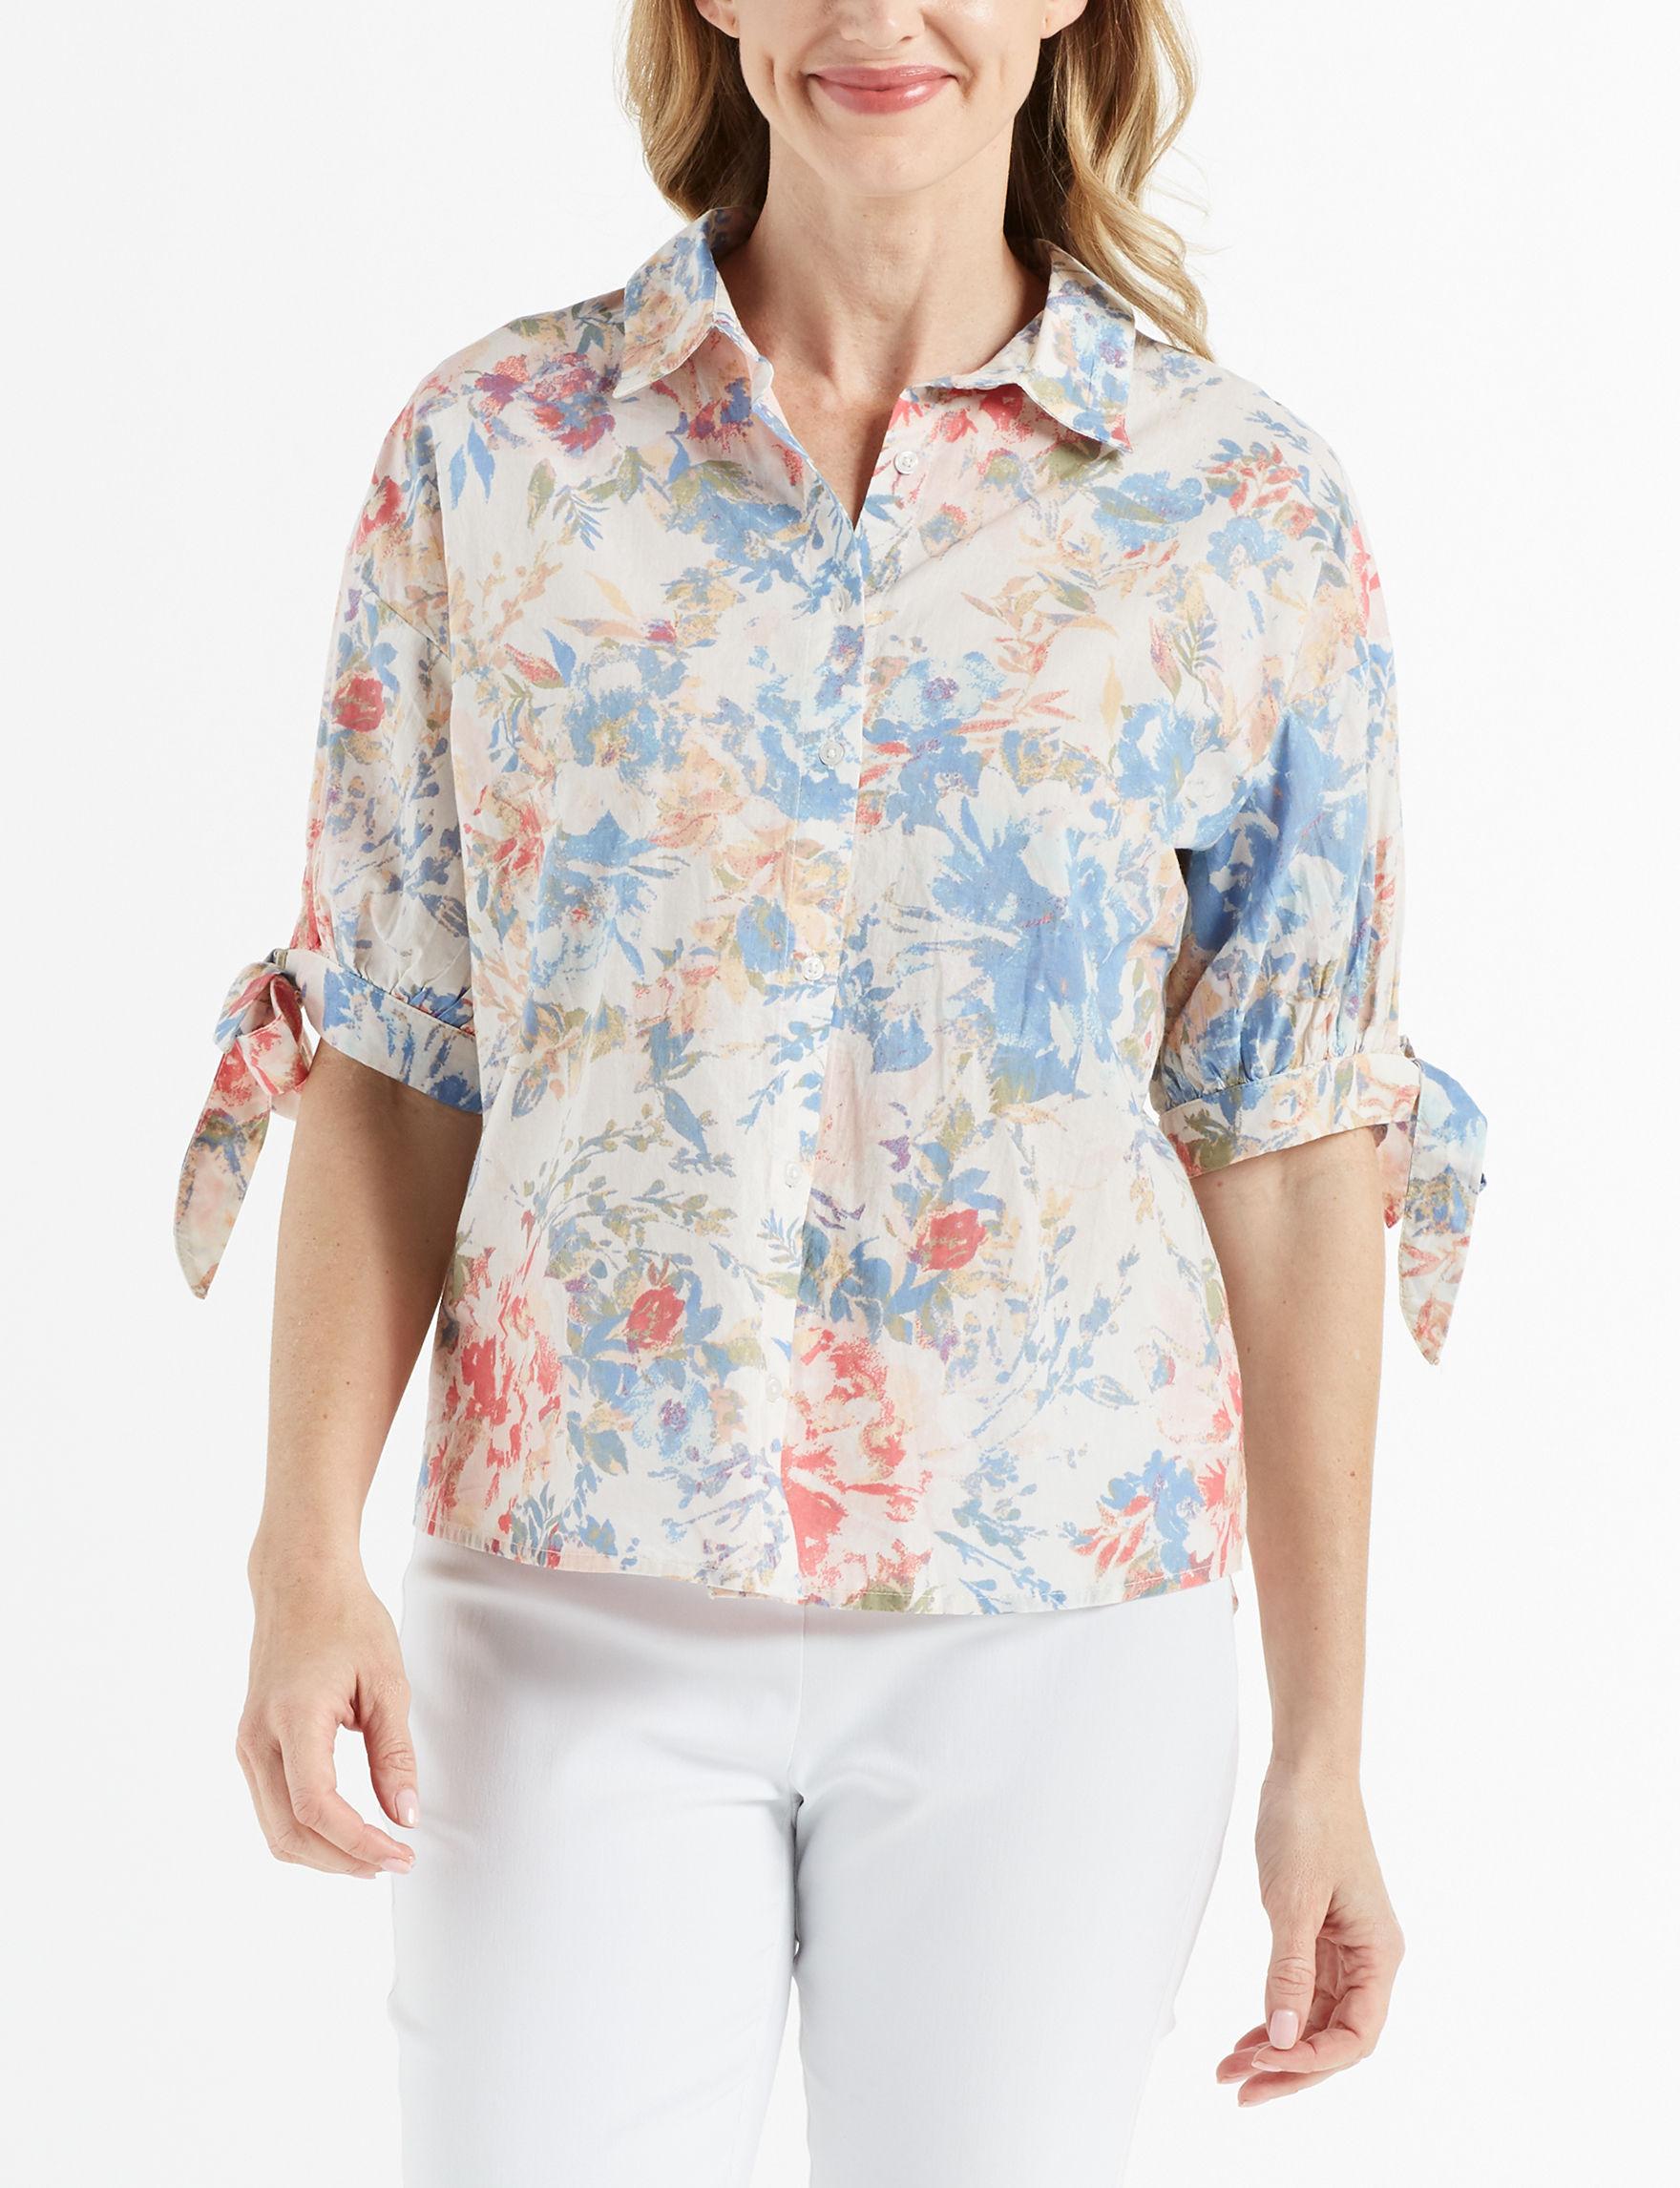 Gloria Vanderbilt White Shirts & Blouses